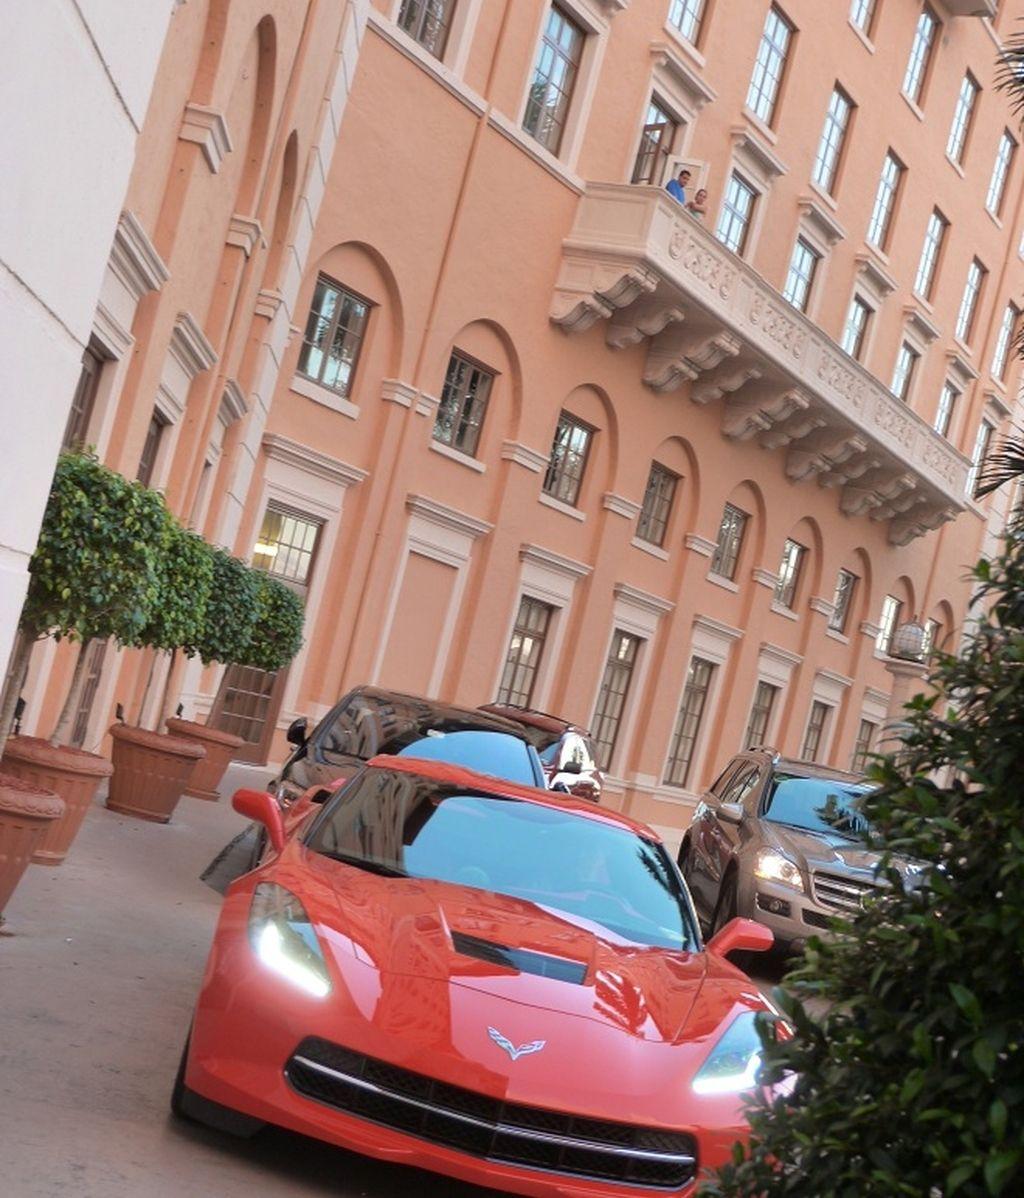 hotel coche rojo